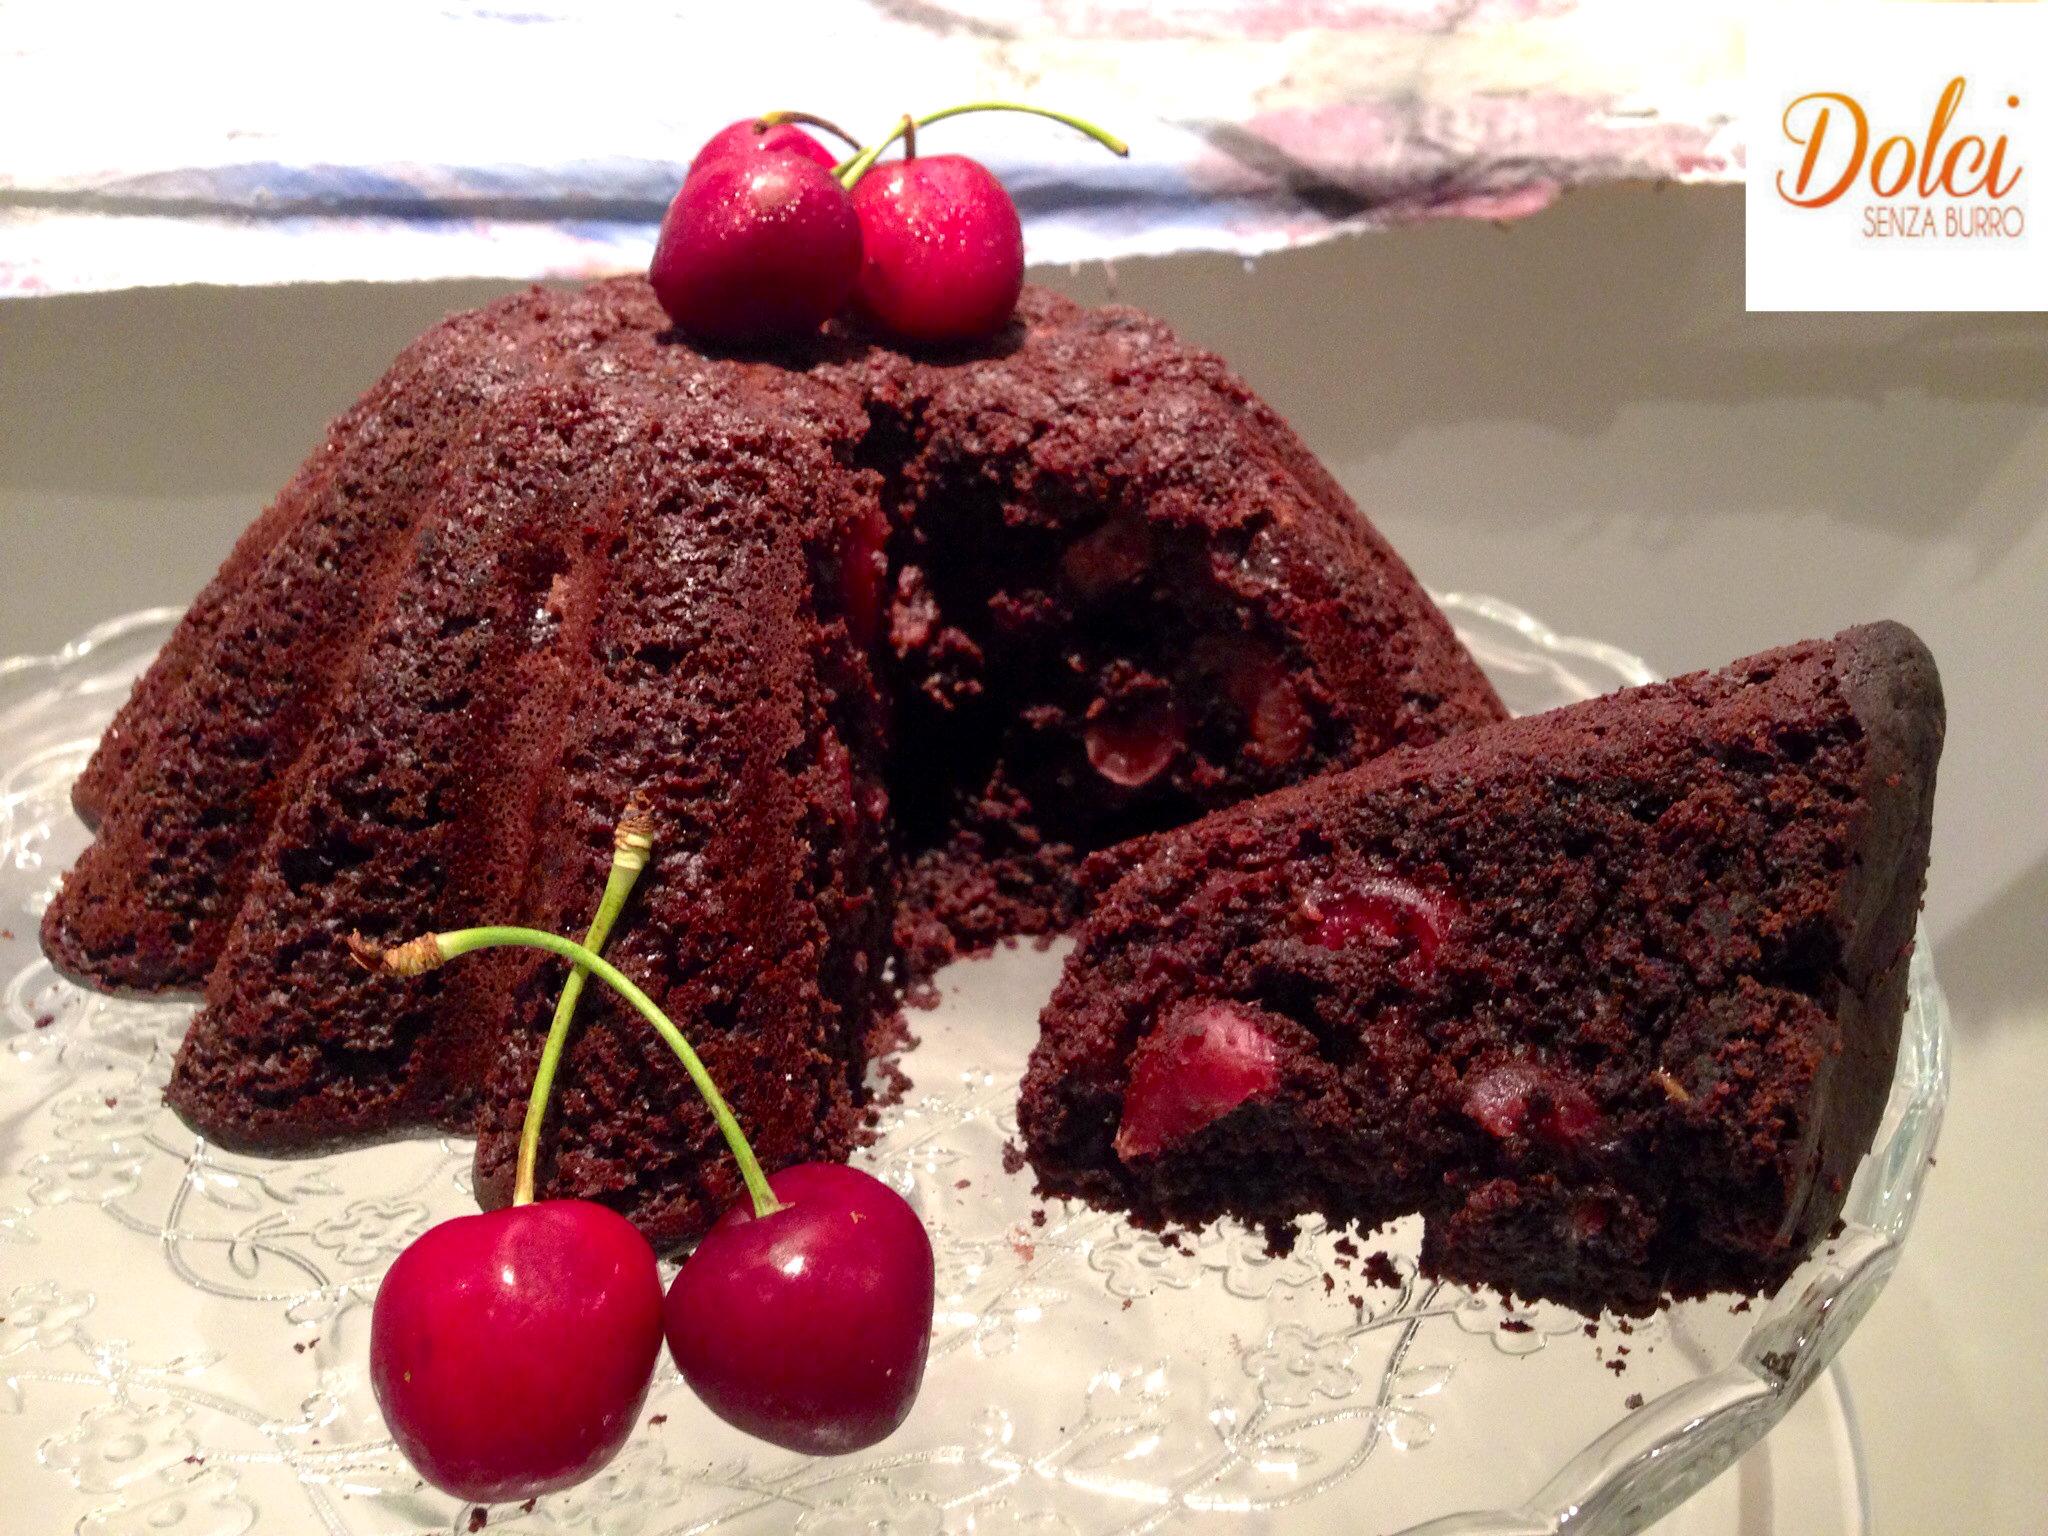 torta al cioccolato senza burro con ciliegie, il dolce senza lattosio di dolci senza burro